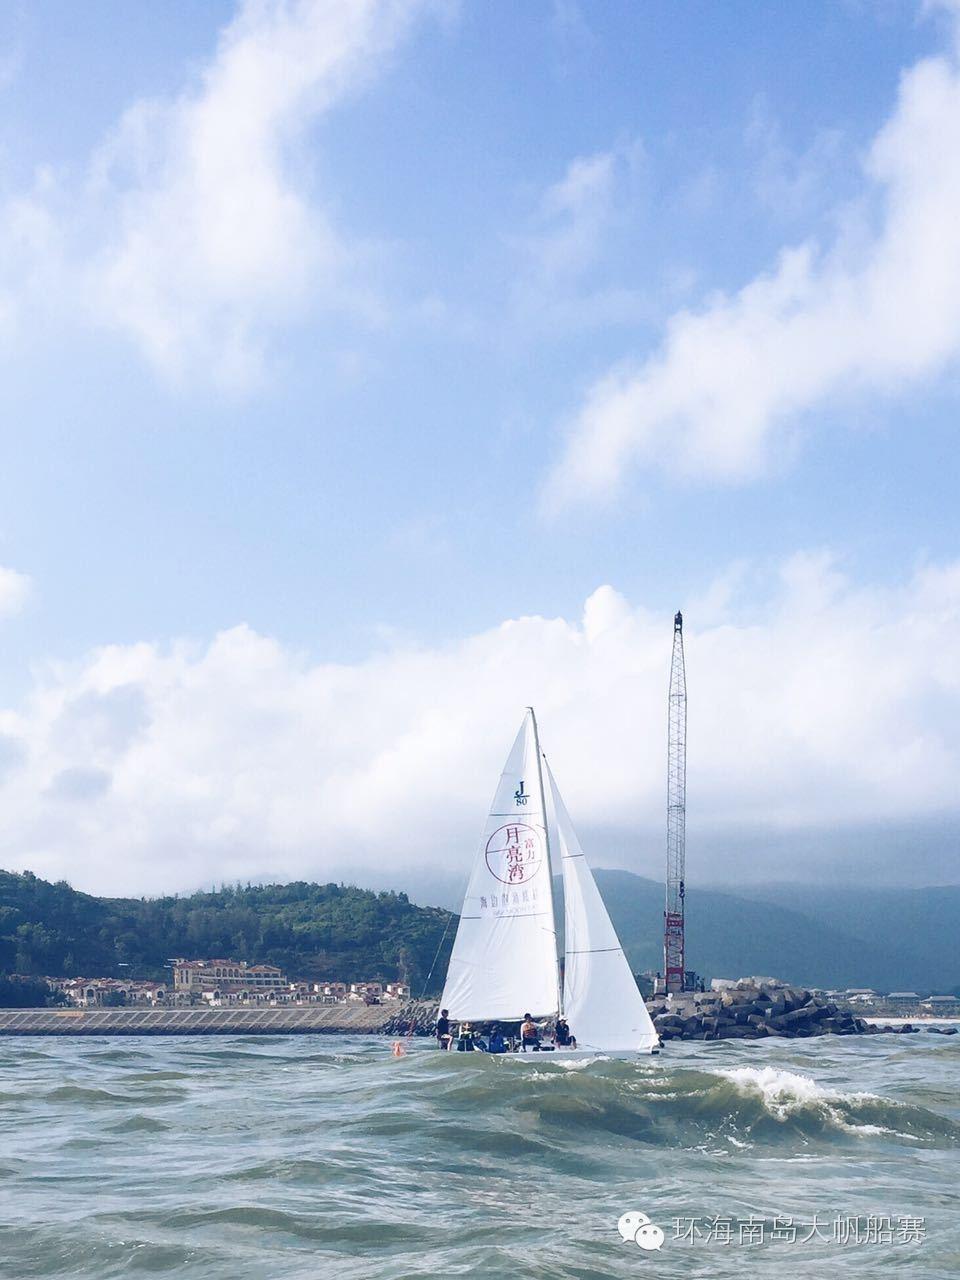 【富力湾帆船赛】各路大咖悉数就位 0b3d60d911ce35e6e9eb9f189e13d2c2.jpg